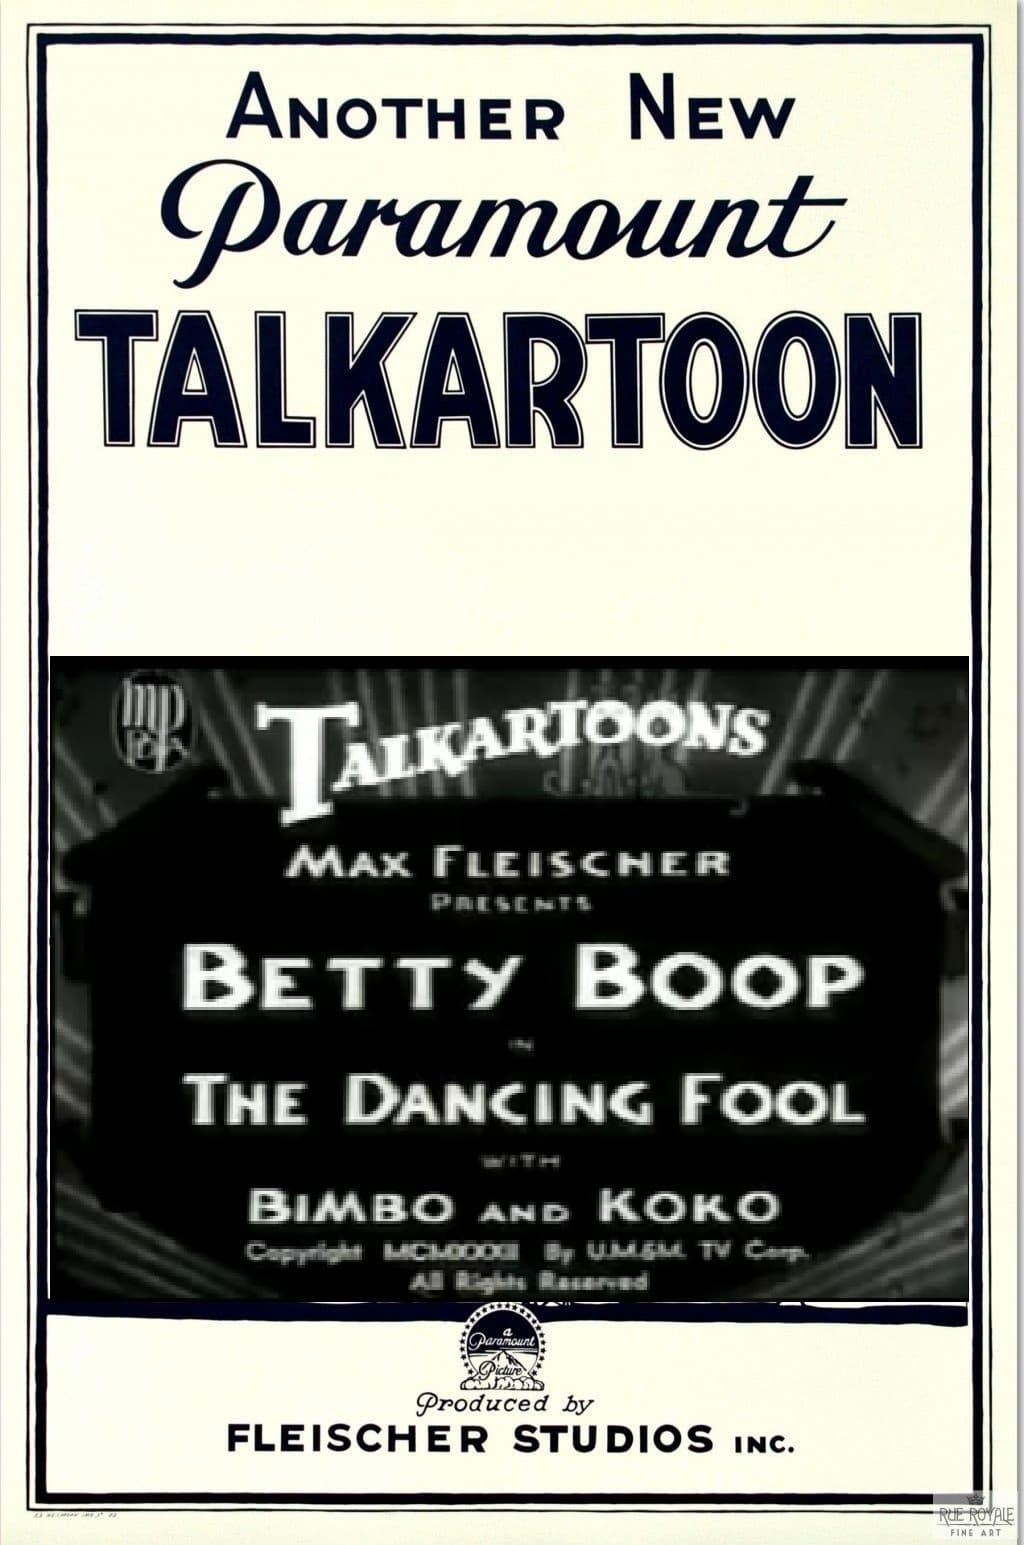 The Dancing Fool